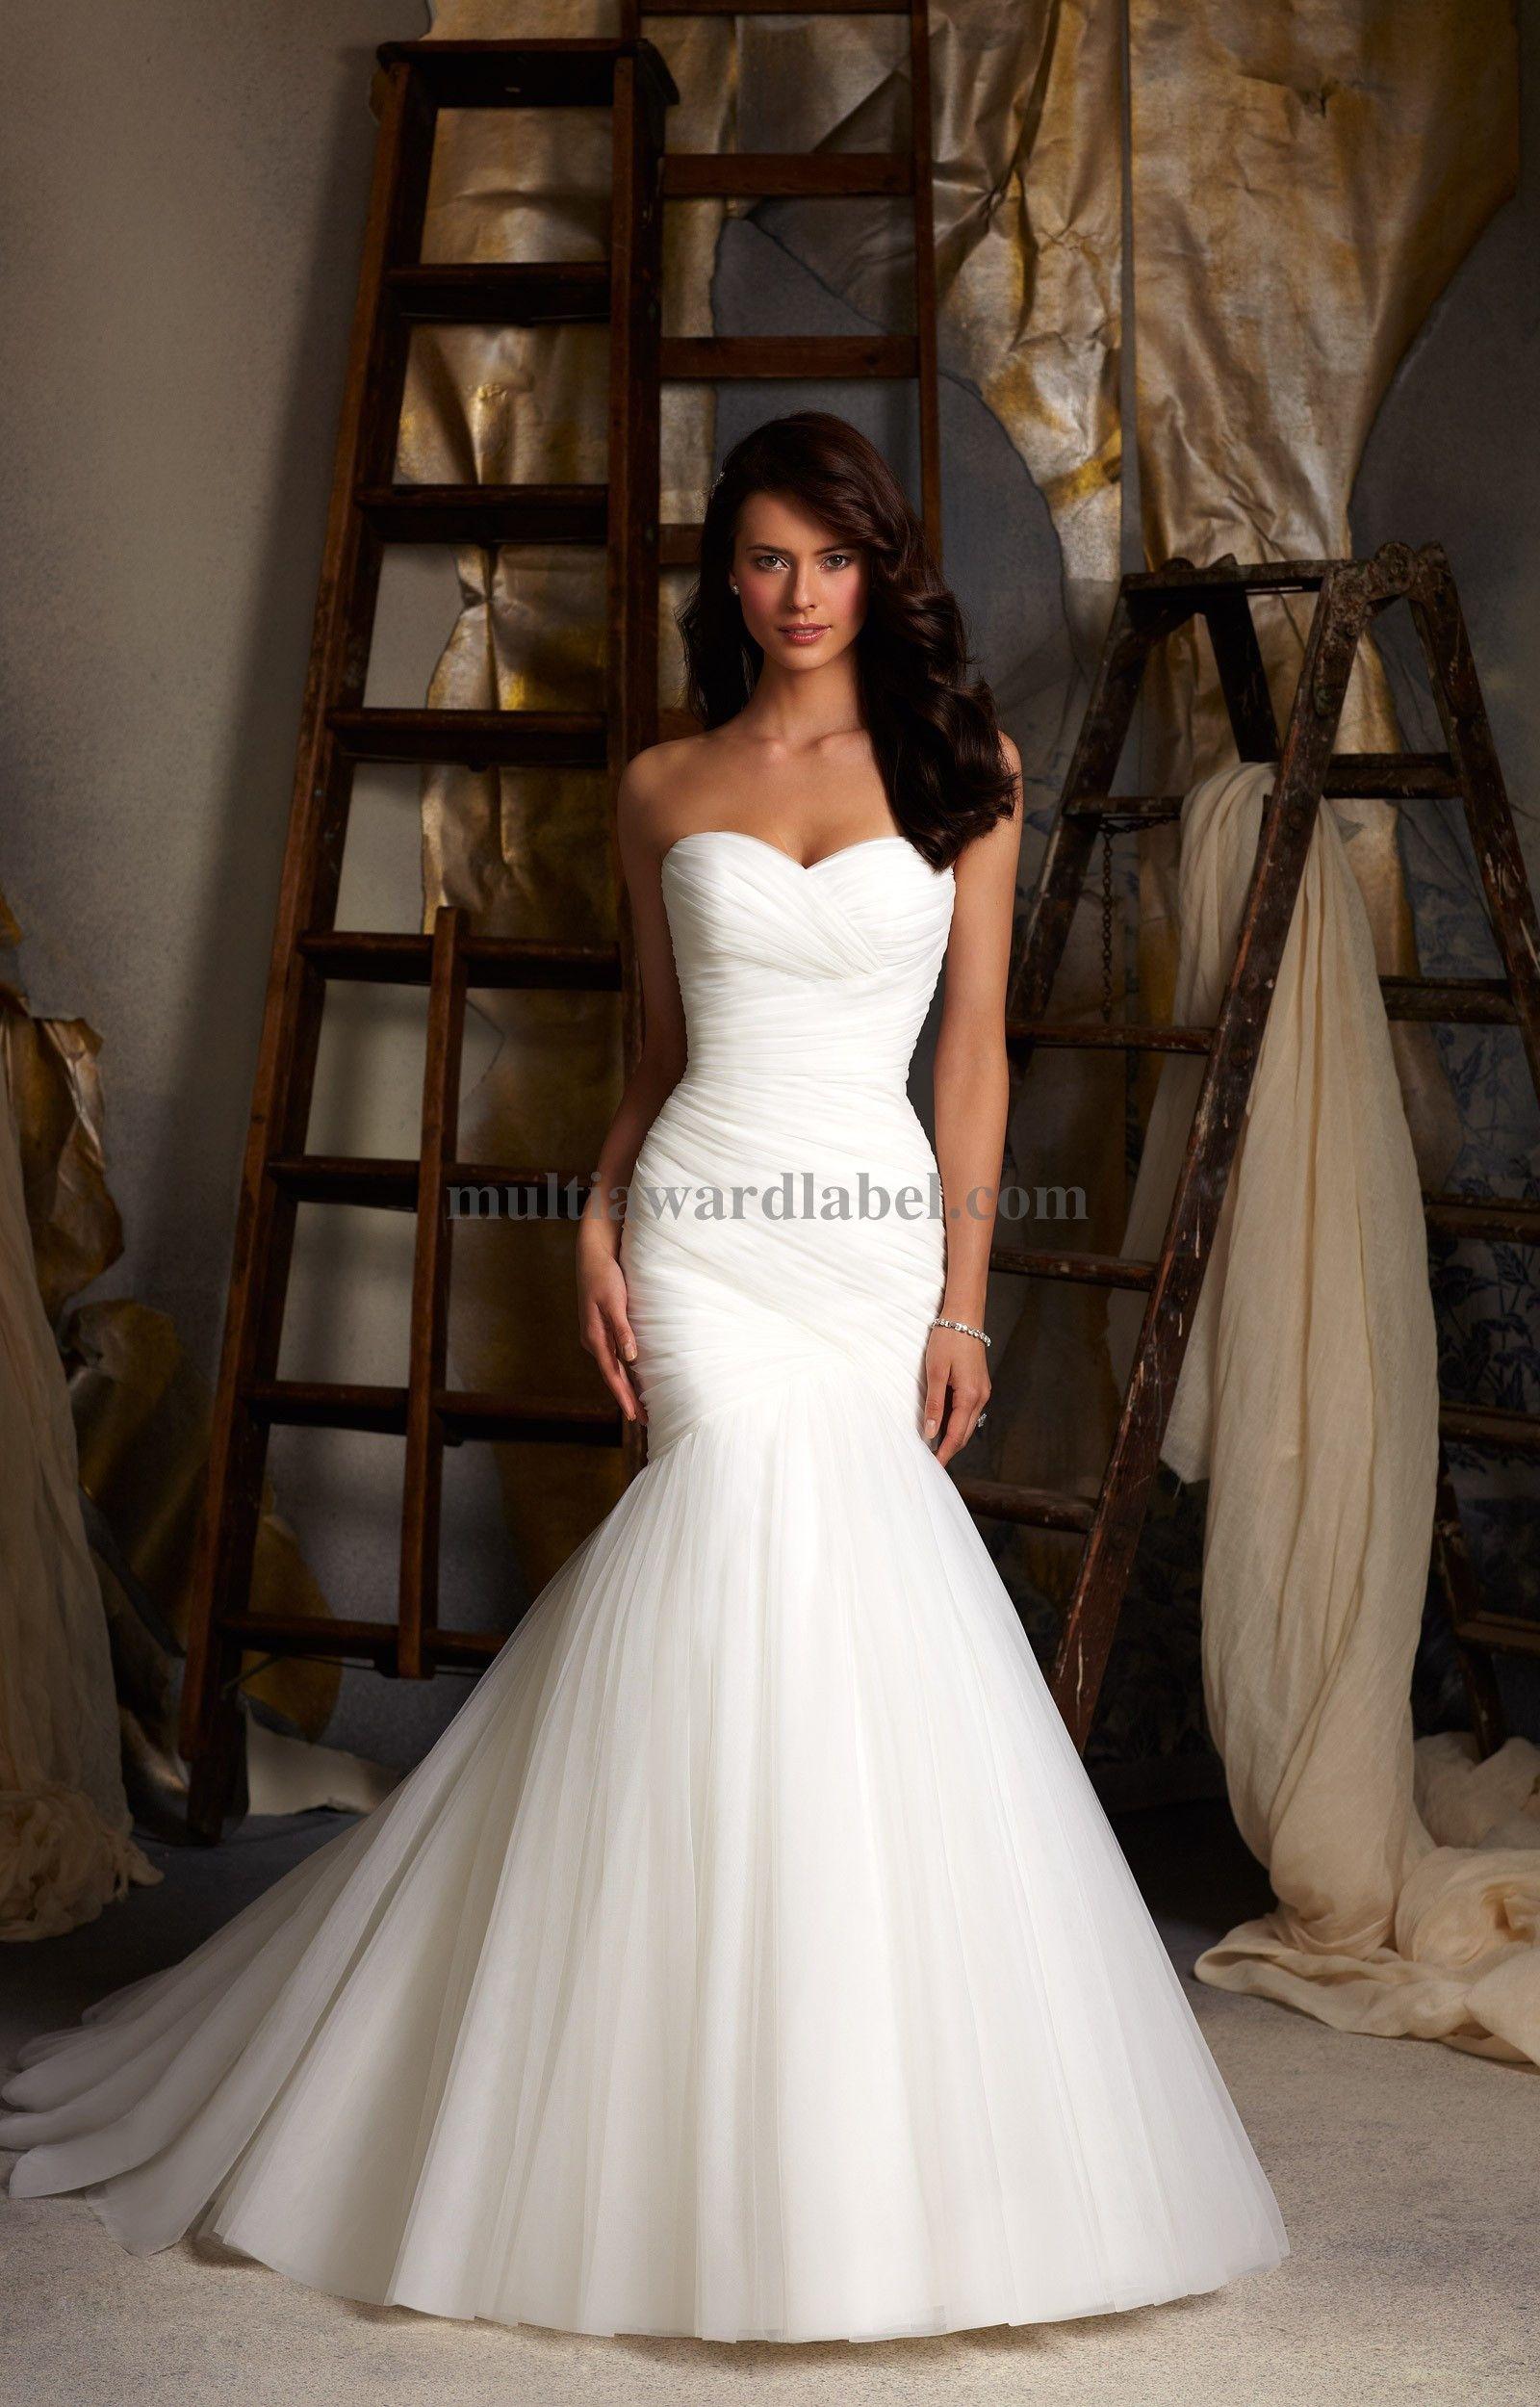 designer Bridal dresses 2014 collection , Mori Lee Blu - 5108 Dress ...